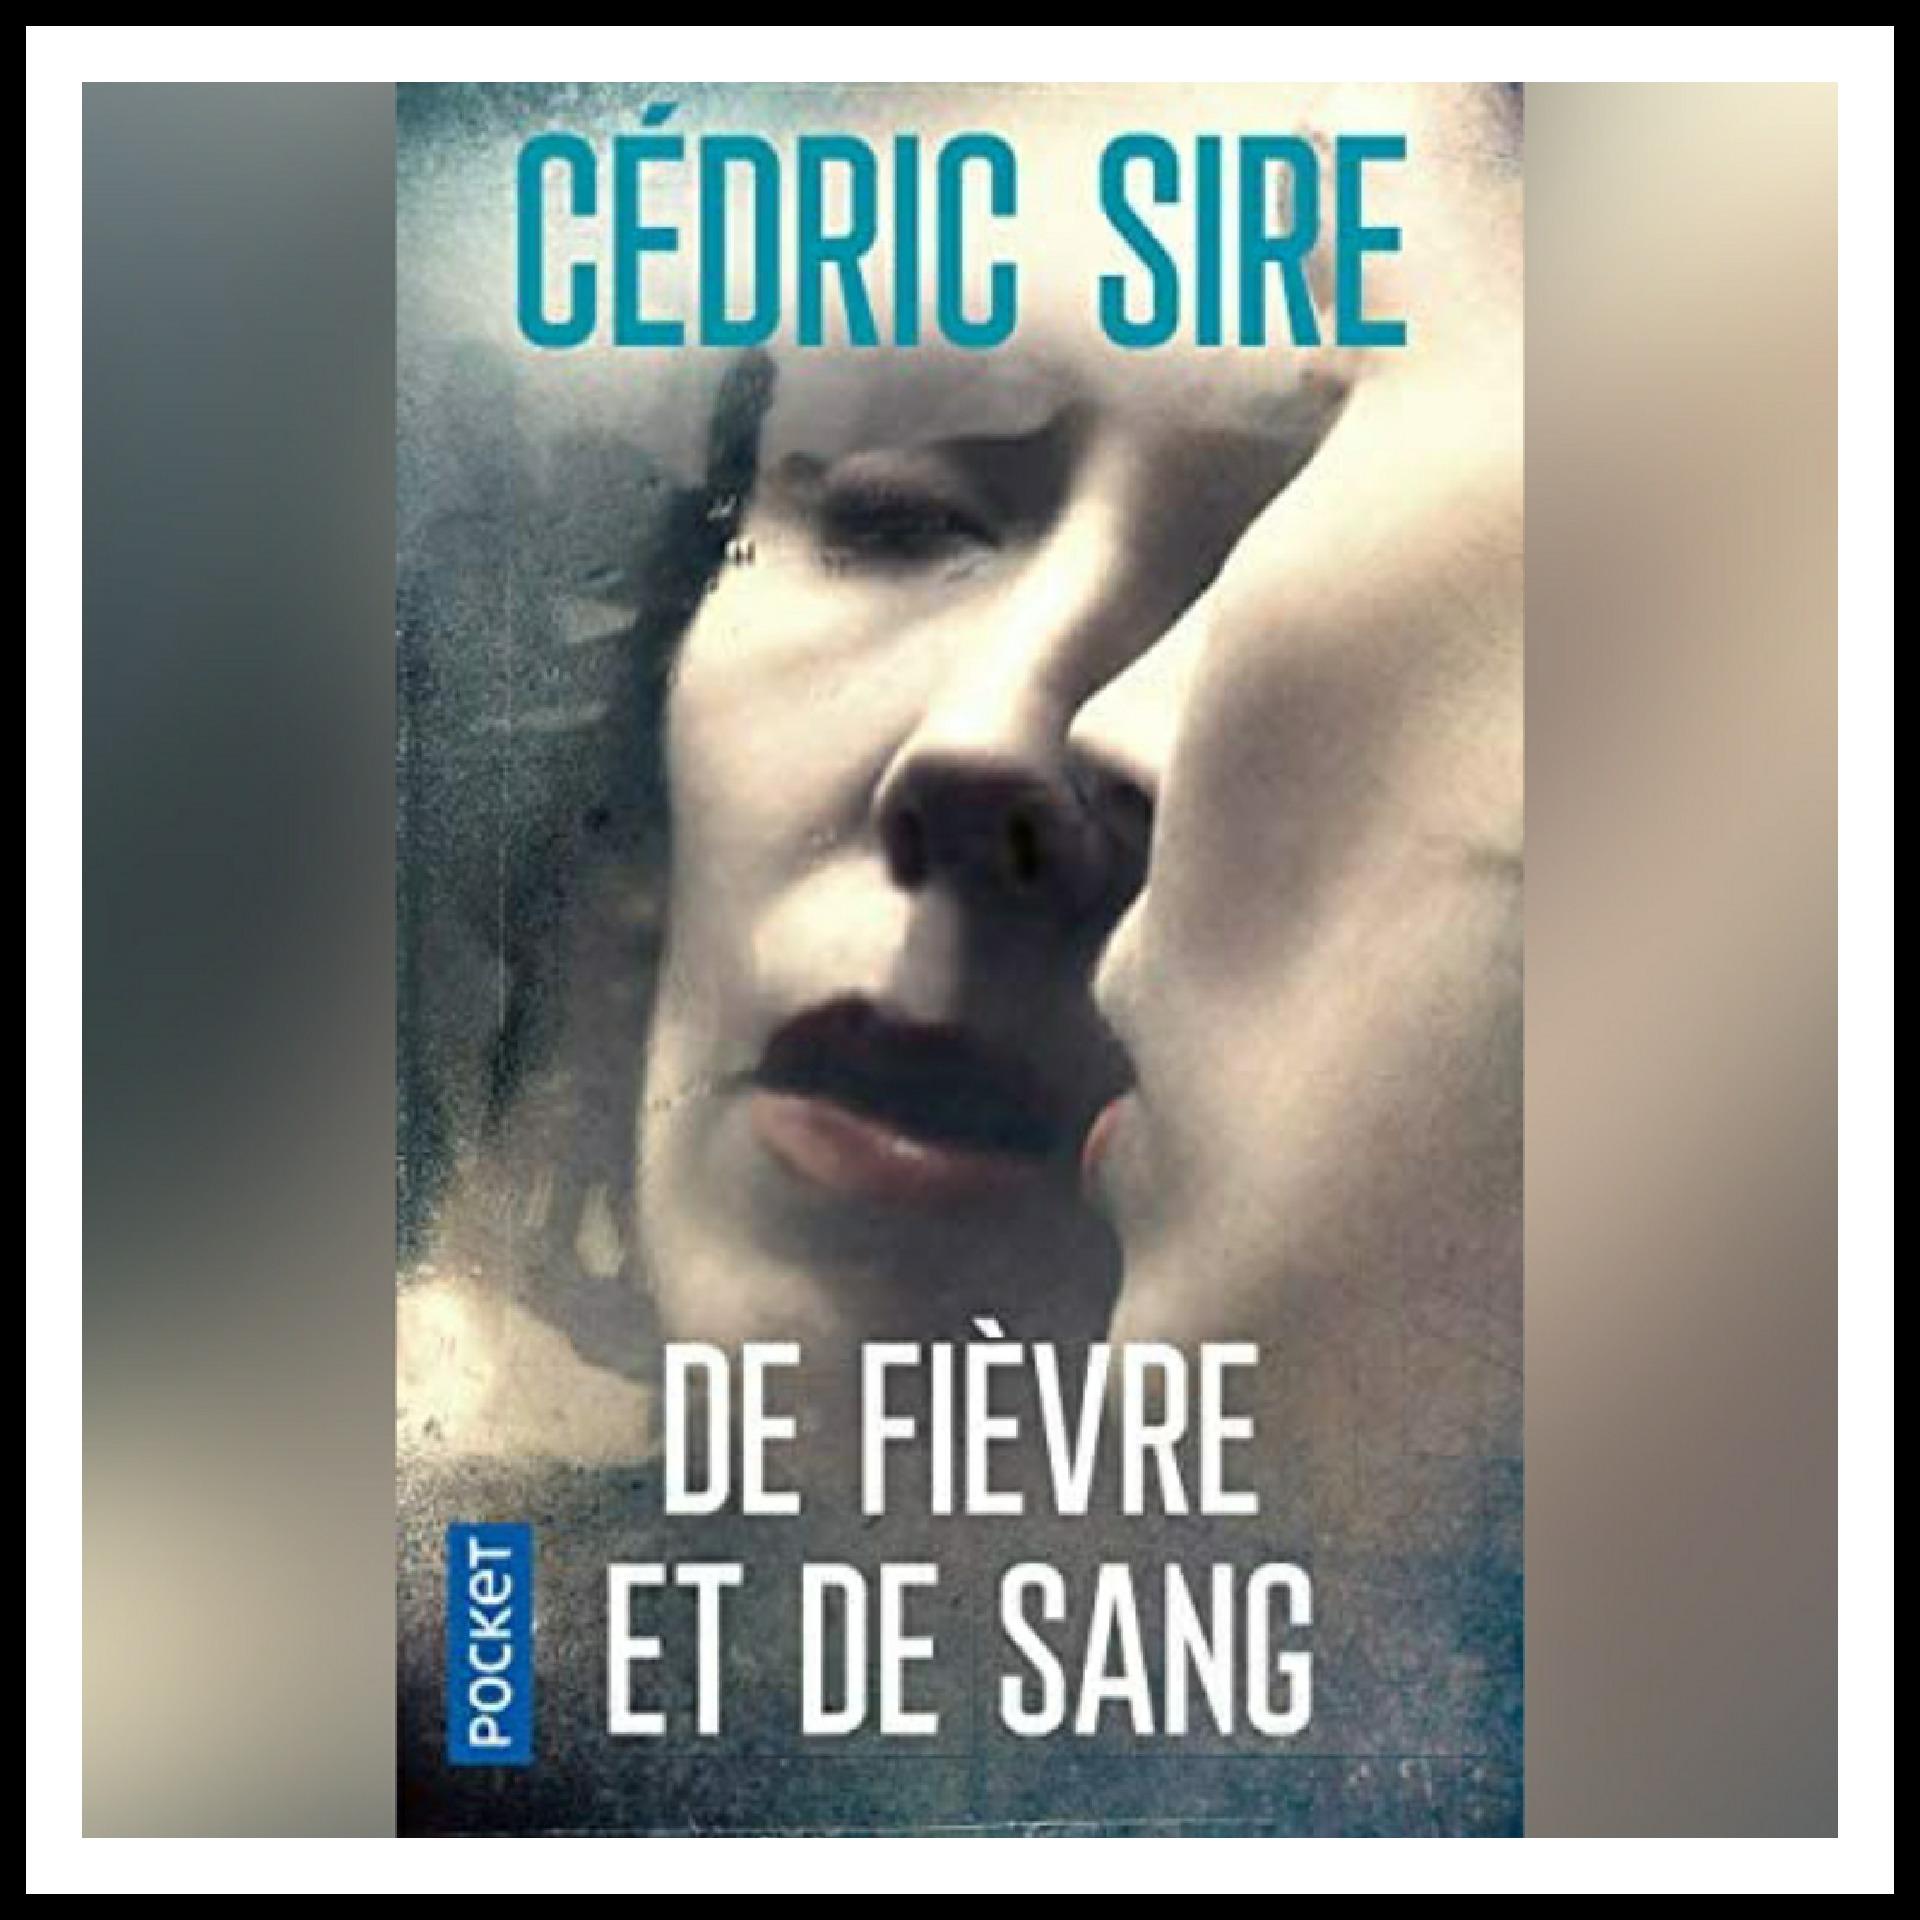 Chroniques 2017 \ De fièvre et de sang de Cédric Sire